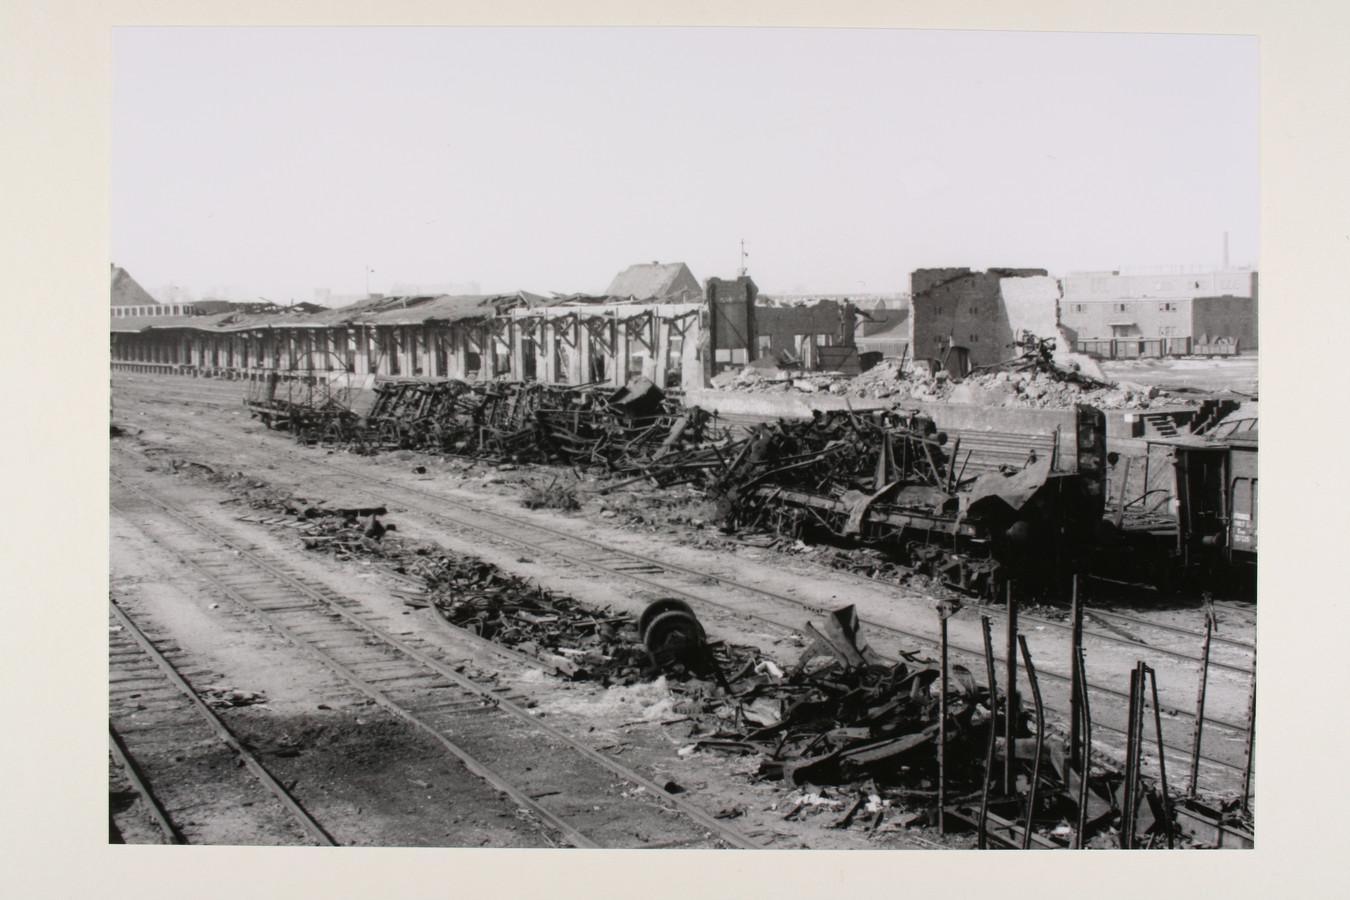 De totaal uiteengereten Duitse munitietrein, waarvan de lading explosieven alle kanten op schoot en een ravege aanrichtte in Zutphen.